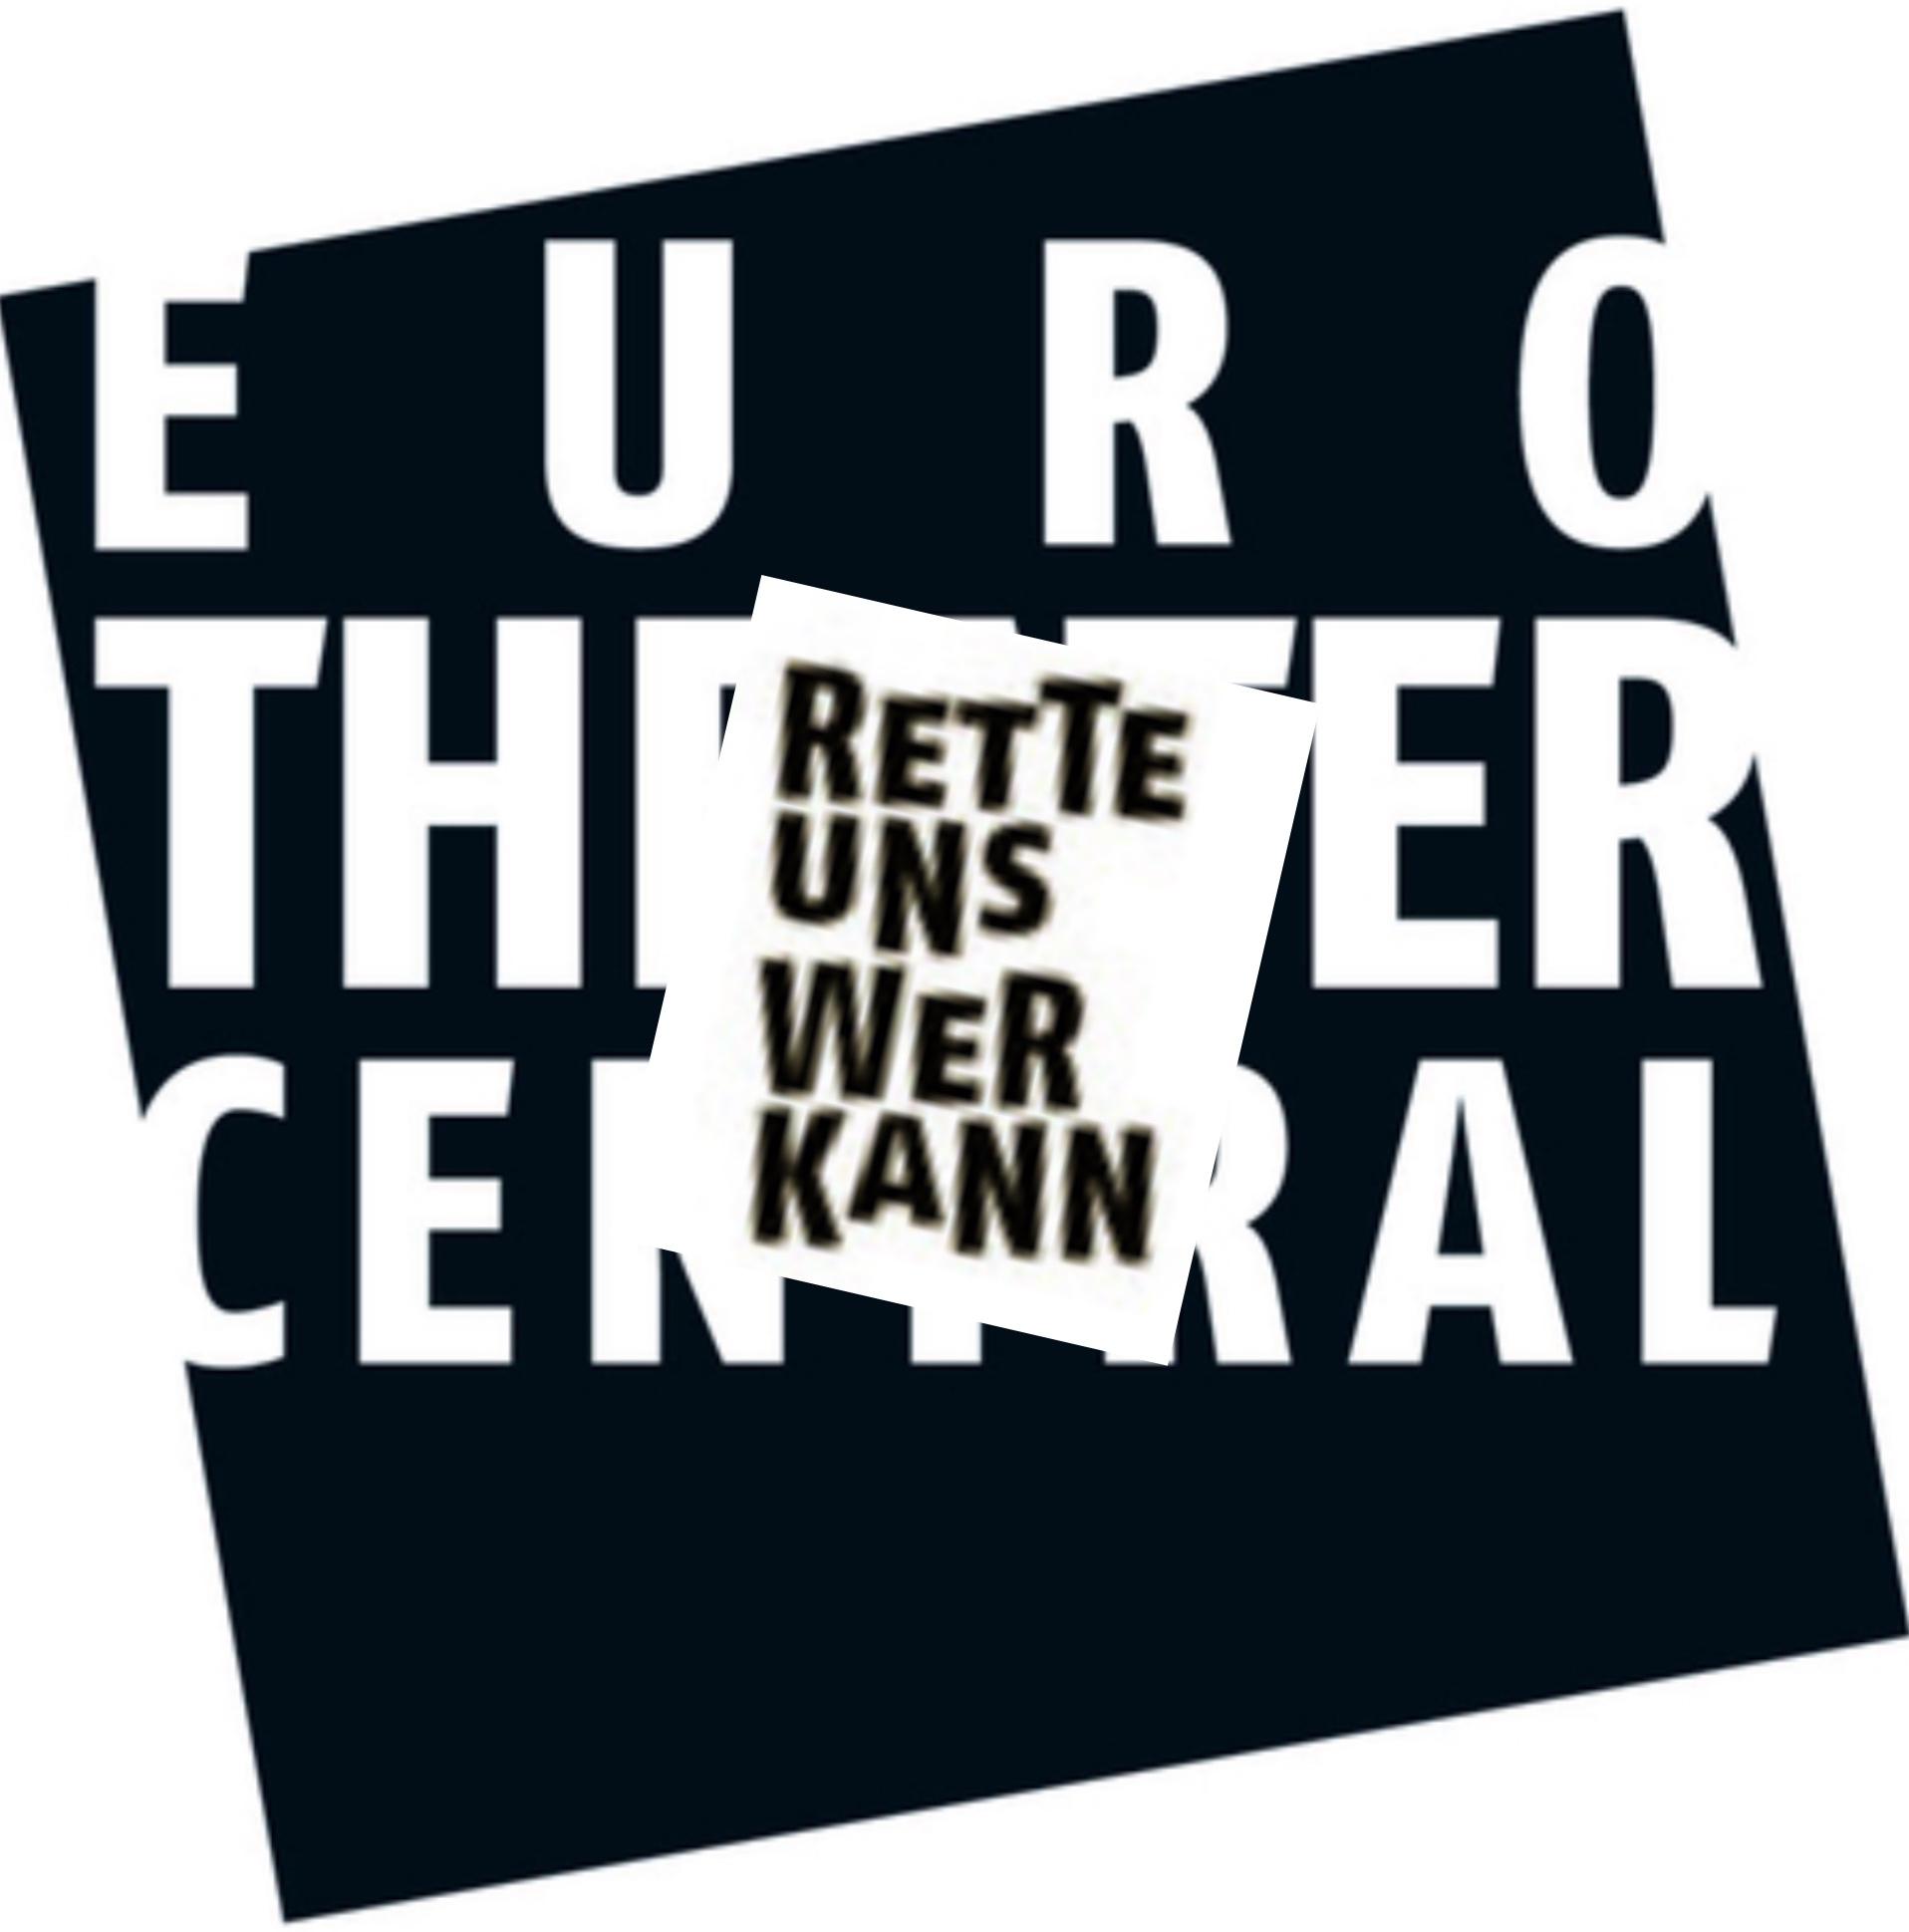 F�R DAS EURO THEATER CENTRAL